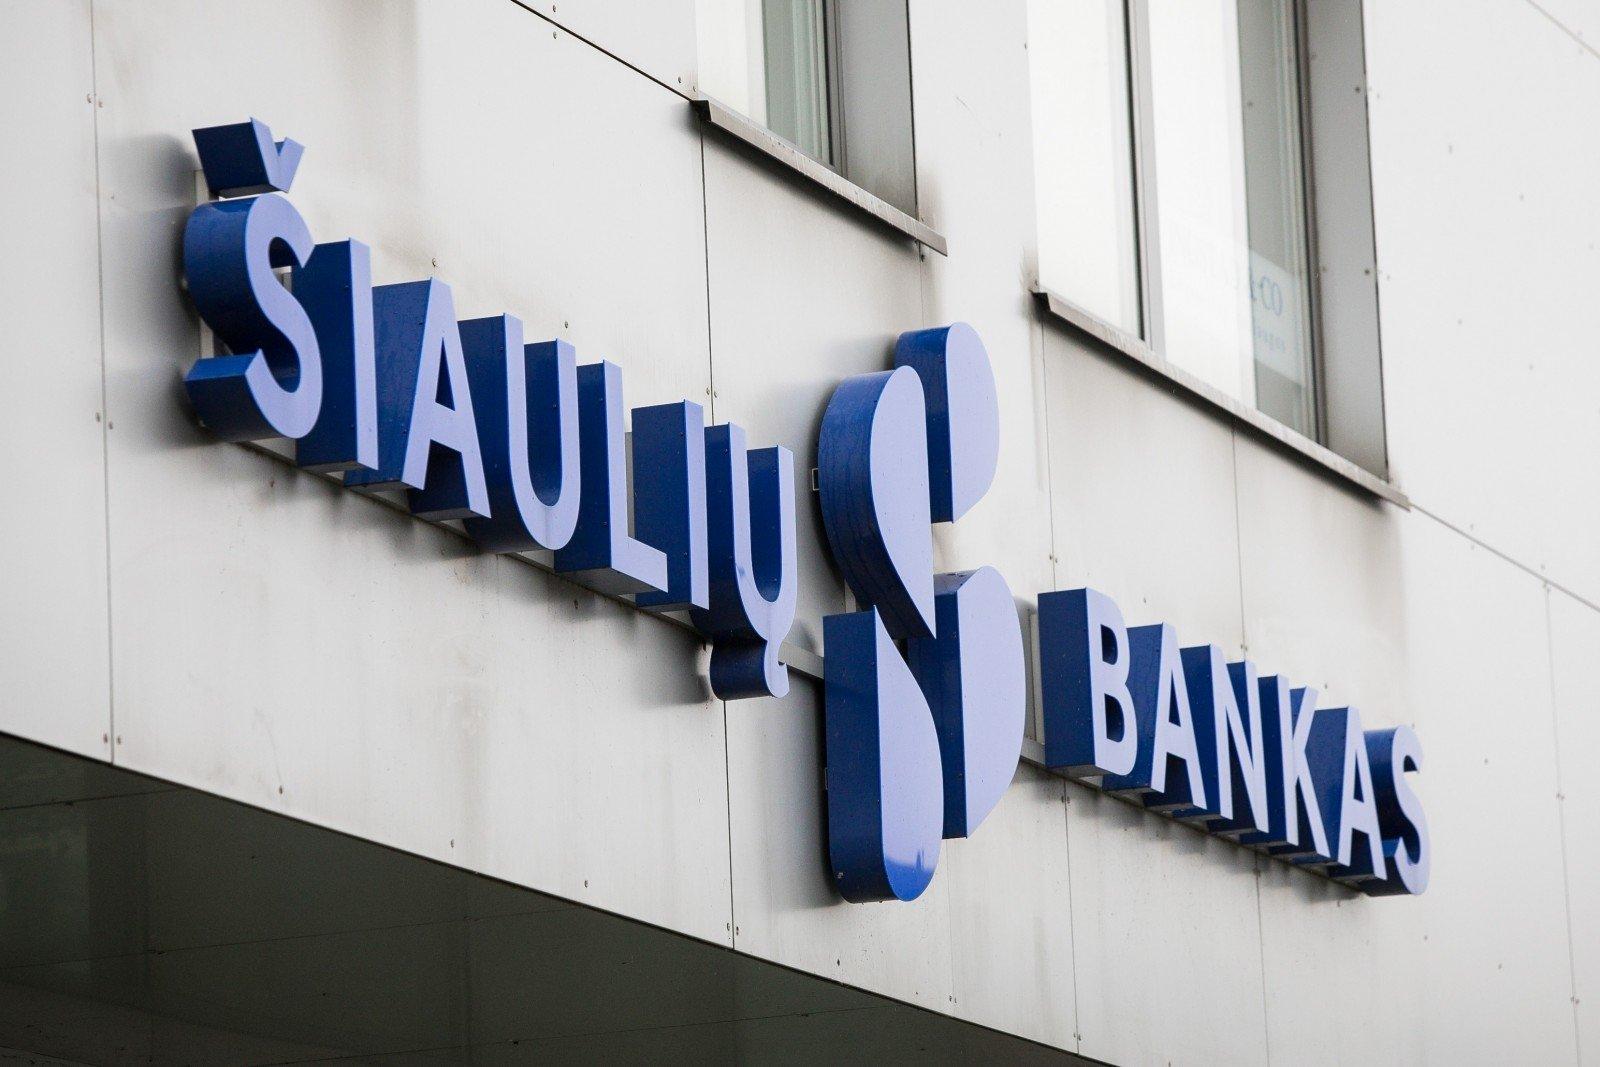 u0160iauli u0173 bankas si u016blo i u0161mok u0117ti 0 029 euro dividend u0173 u u017e akcij u0105